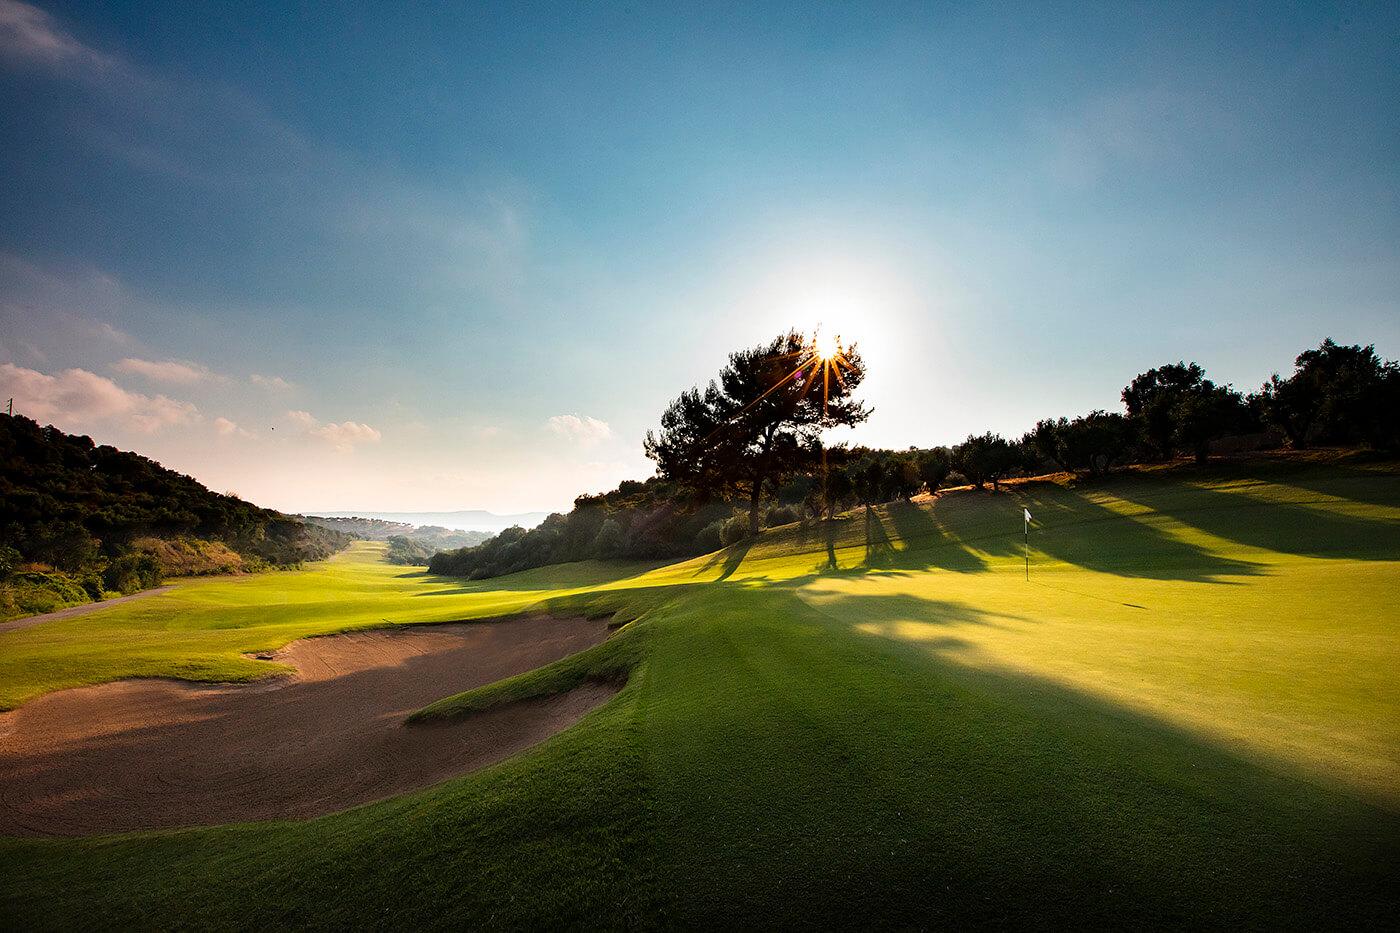 Vue sur le parcours de golf The Bay Course